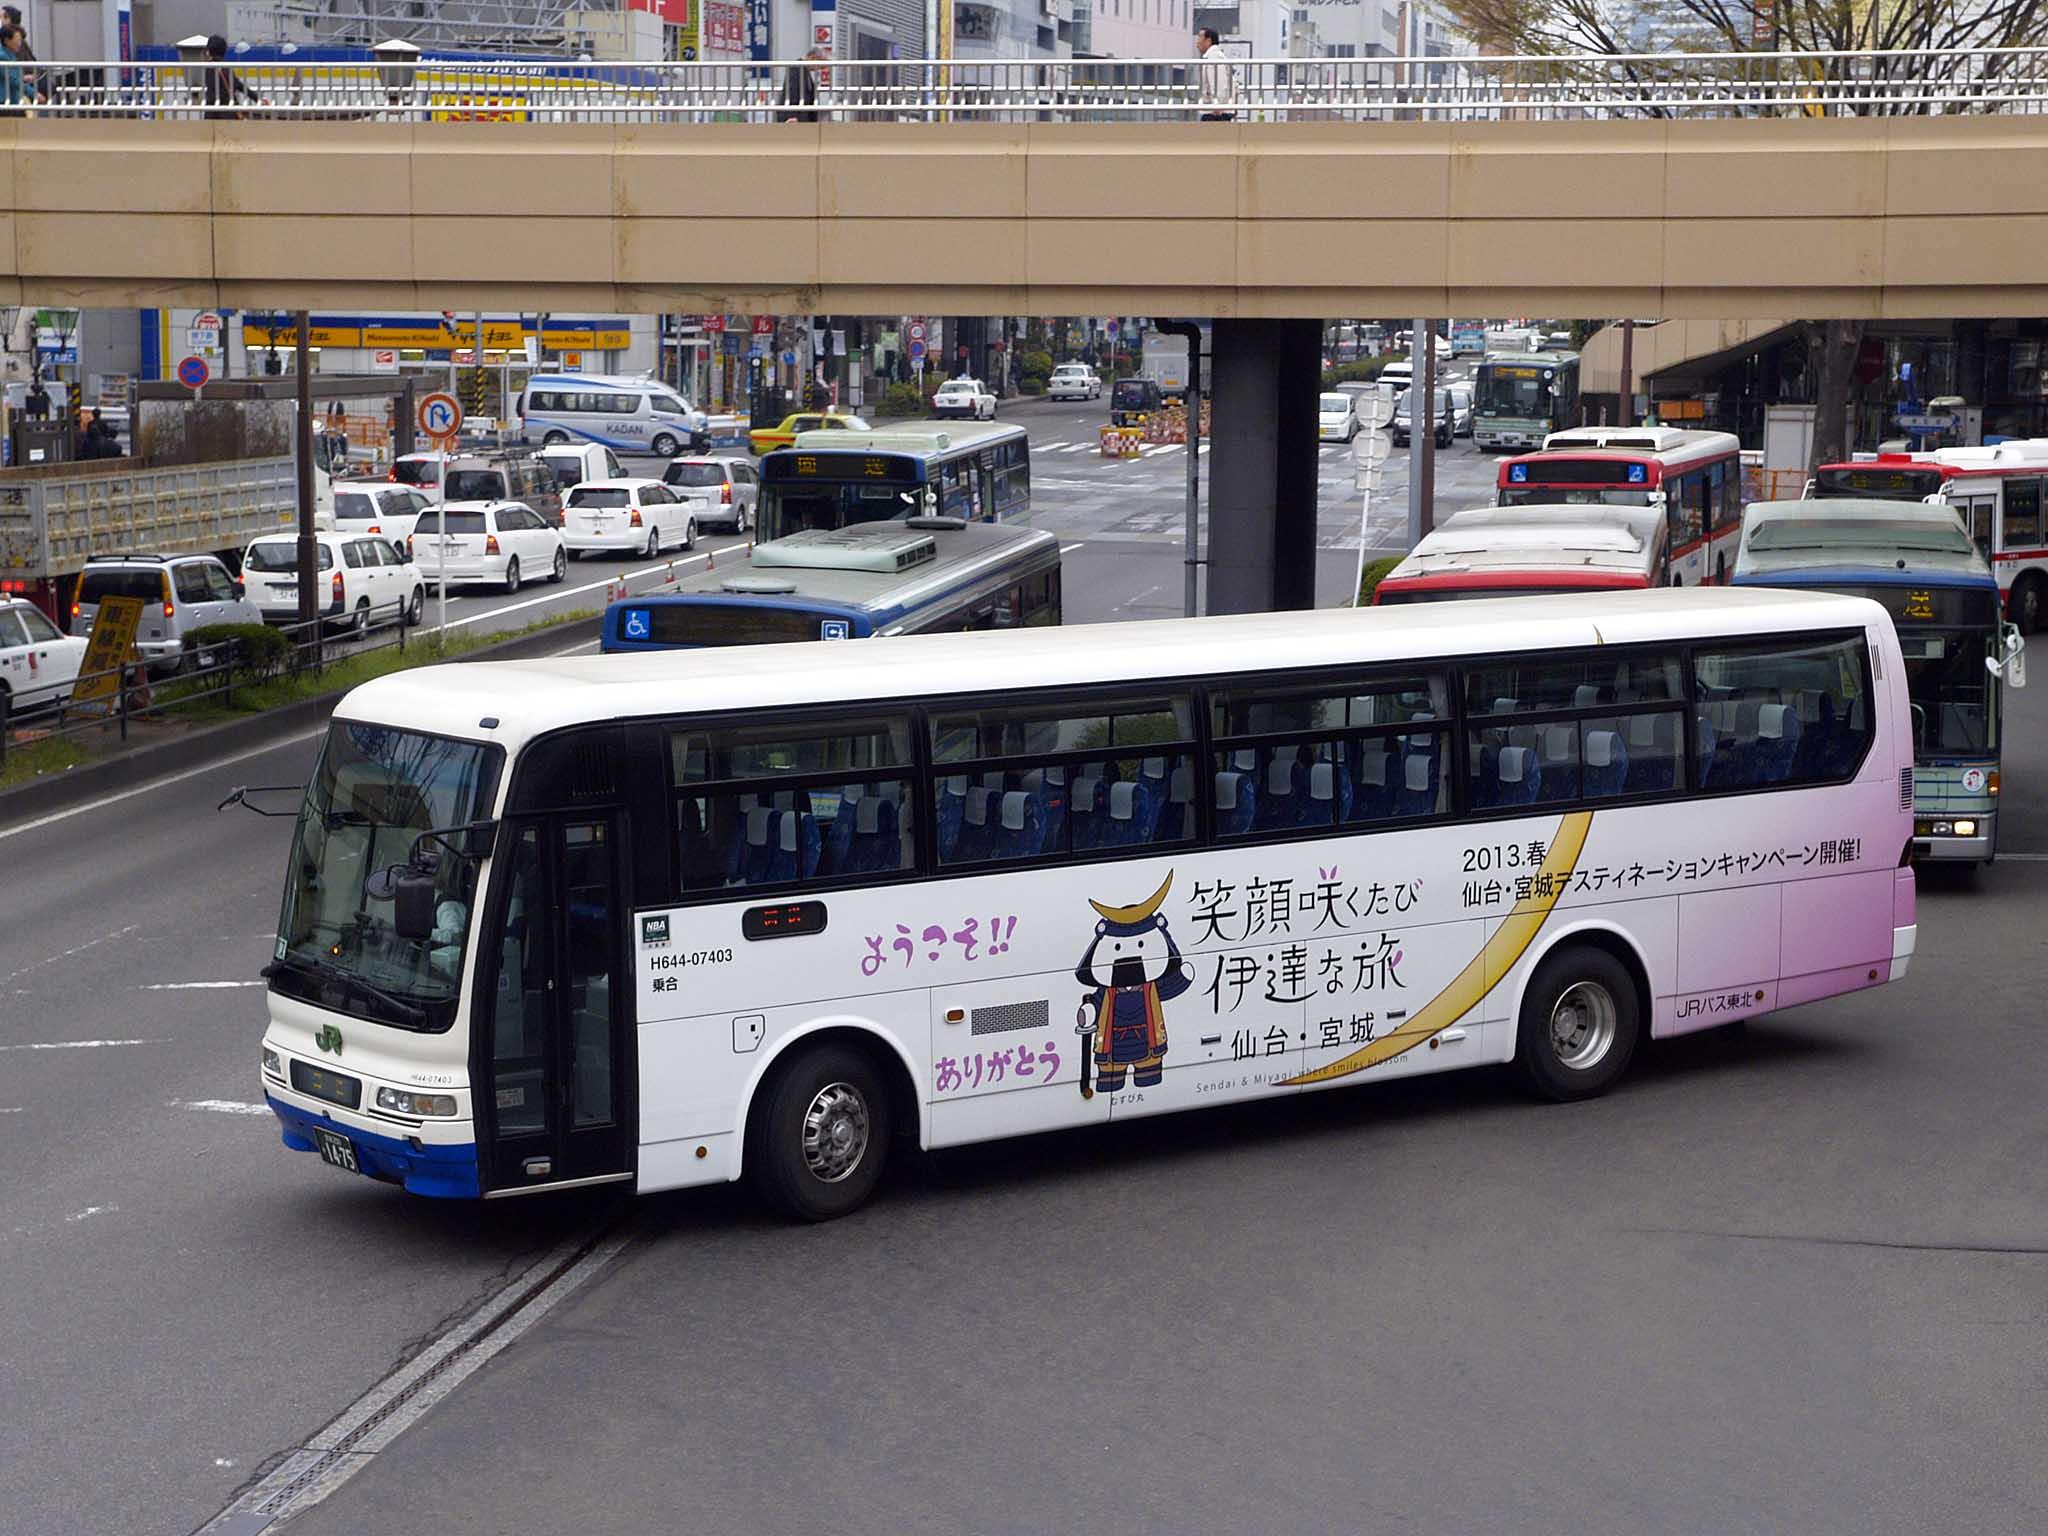 ファイル jr bus tohoku h644 07403 sendai miyagi dc musubimaru bus